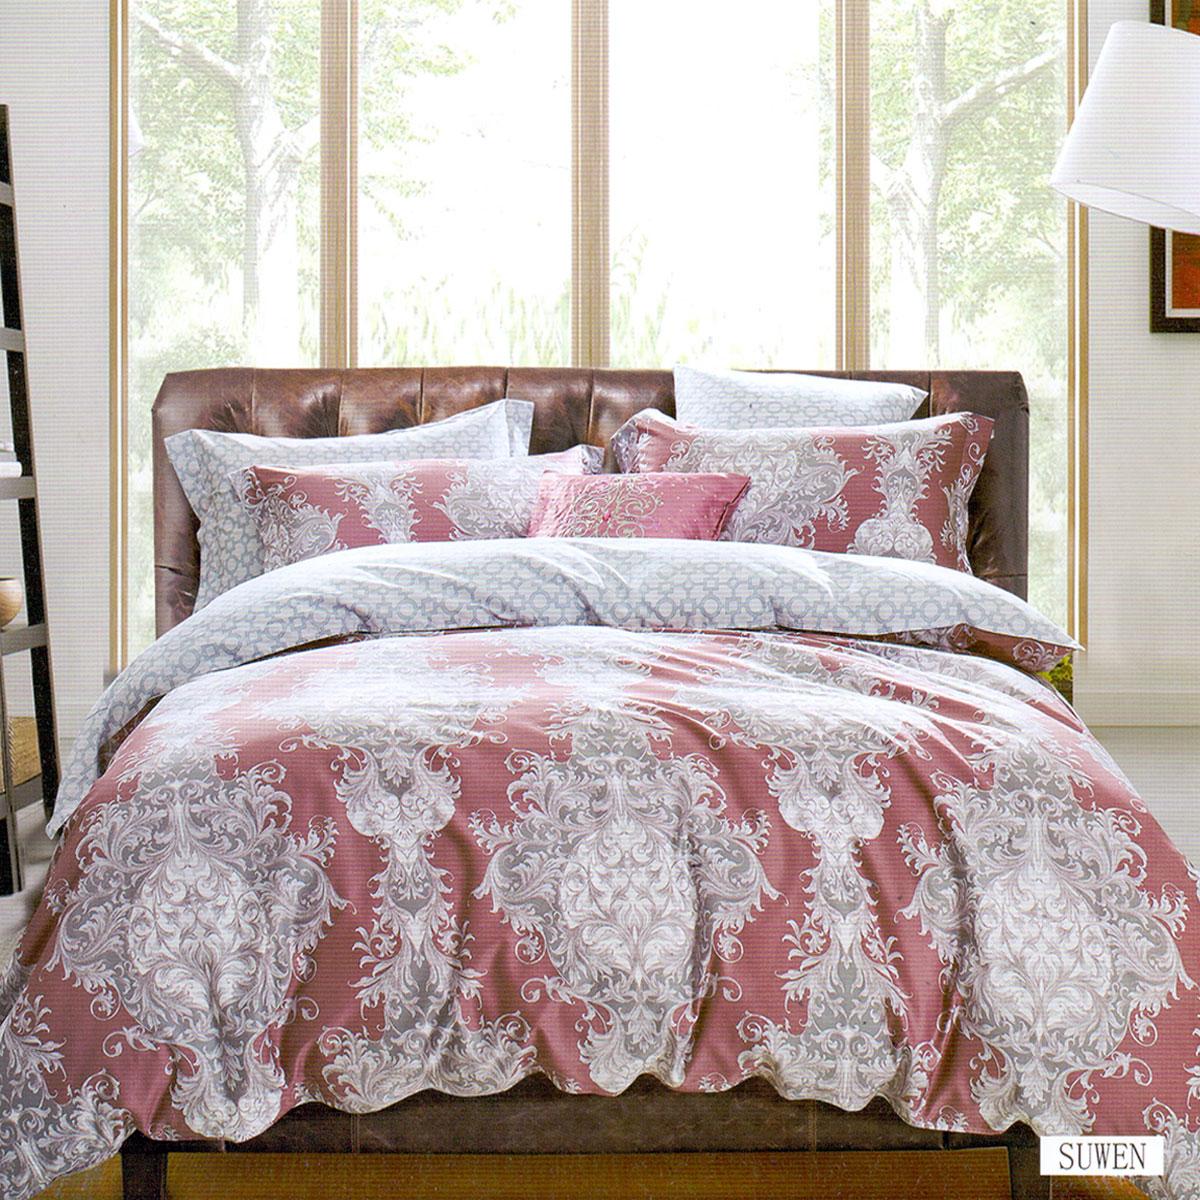 Купить Комплекты постельного белья Arya, Постельное белье Suwen (2 сп. евро), Турция, Красный, Серый, Хлопковый сатин